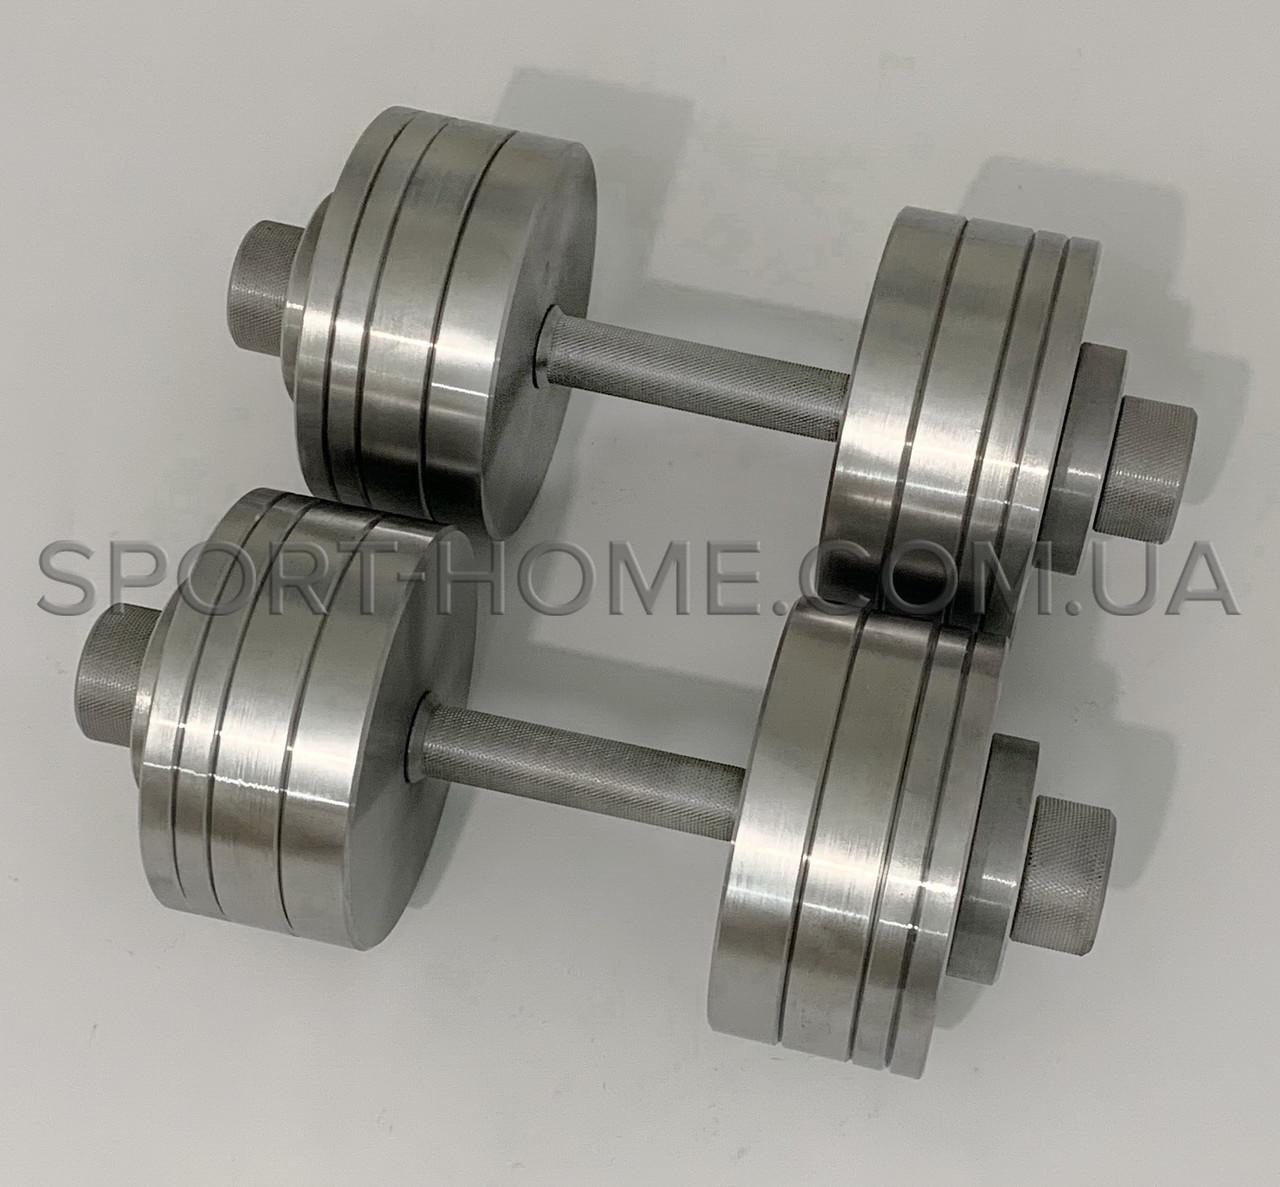 Гантели наборные 2 по 35 кг (30 мм). Разборные металлические. Сталеві гантелі 70 кг